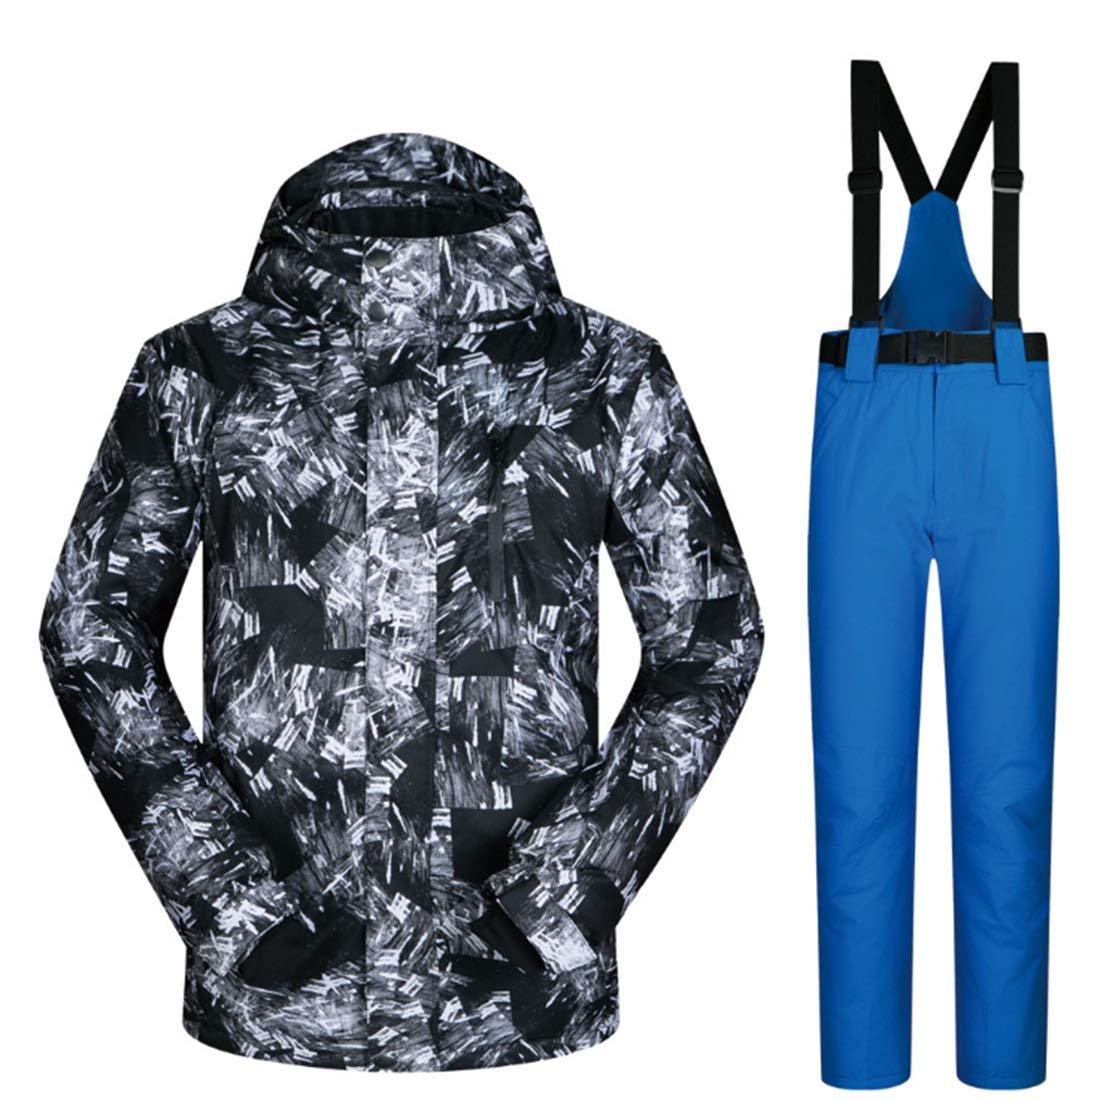 Nalkusxi Outdoor Outdoor Outdoor Escursionismo Neve Sport Sci Giacca e Pantaloni Snow Suit (Coloree   05, Dimensione   XXXL)B07KQ6M1WCXXL 01 | Online Shop  | Qualità e quantità garantite  | una vasta gamma di prodotti  | Prezzo Ragionevole  | Menu elegante e robusto 0bb0ab